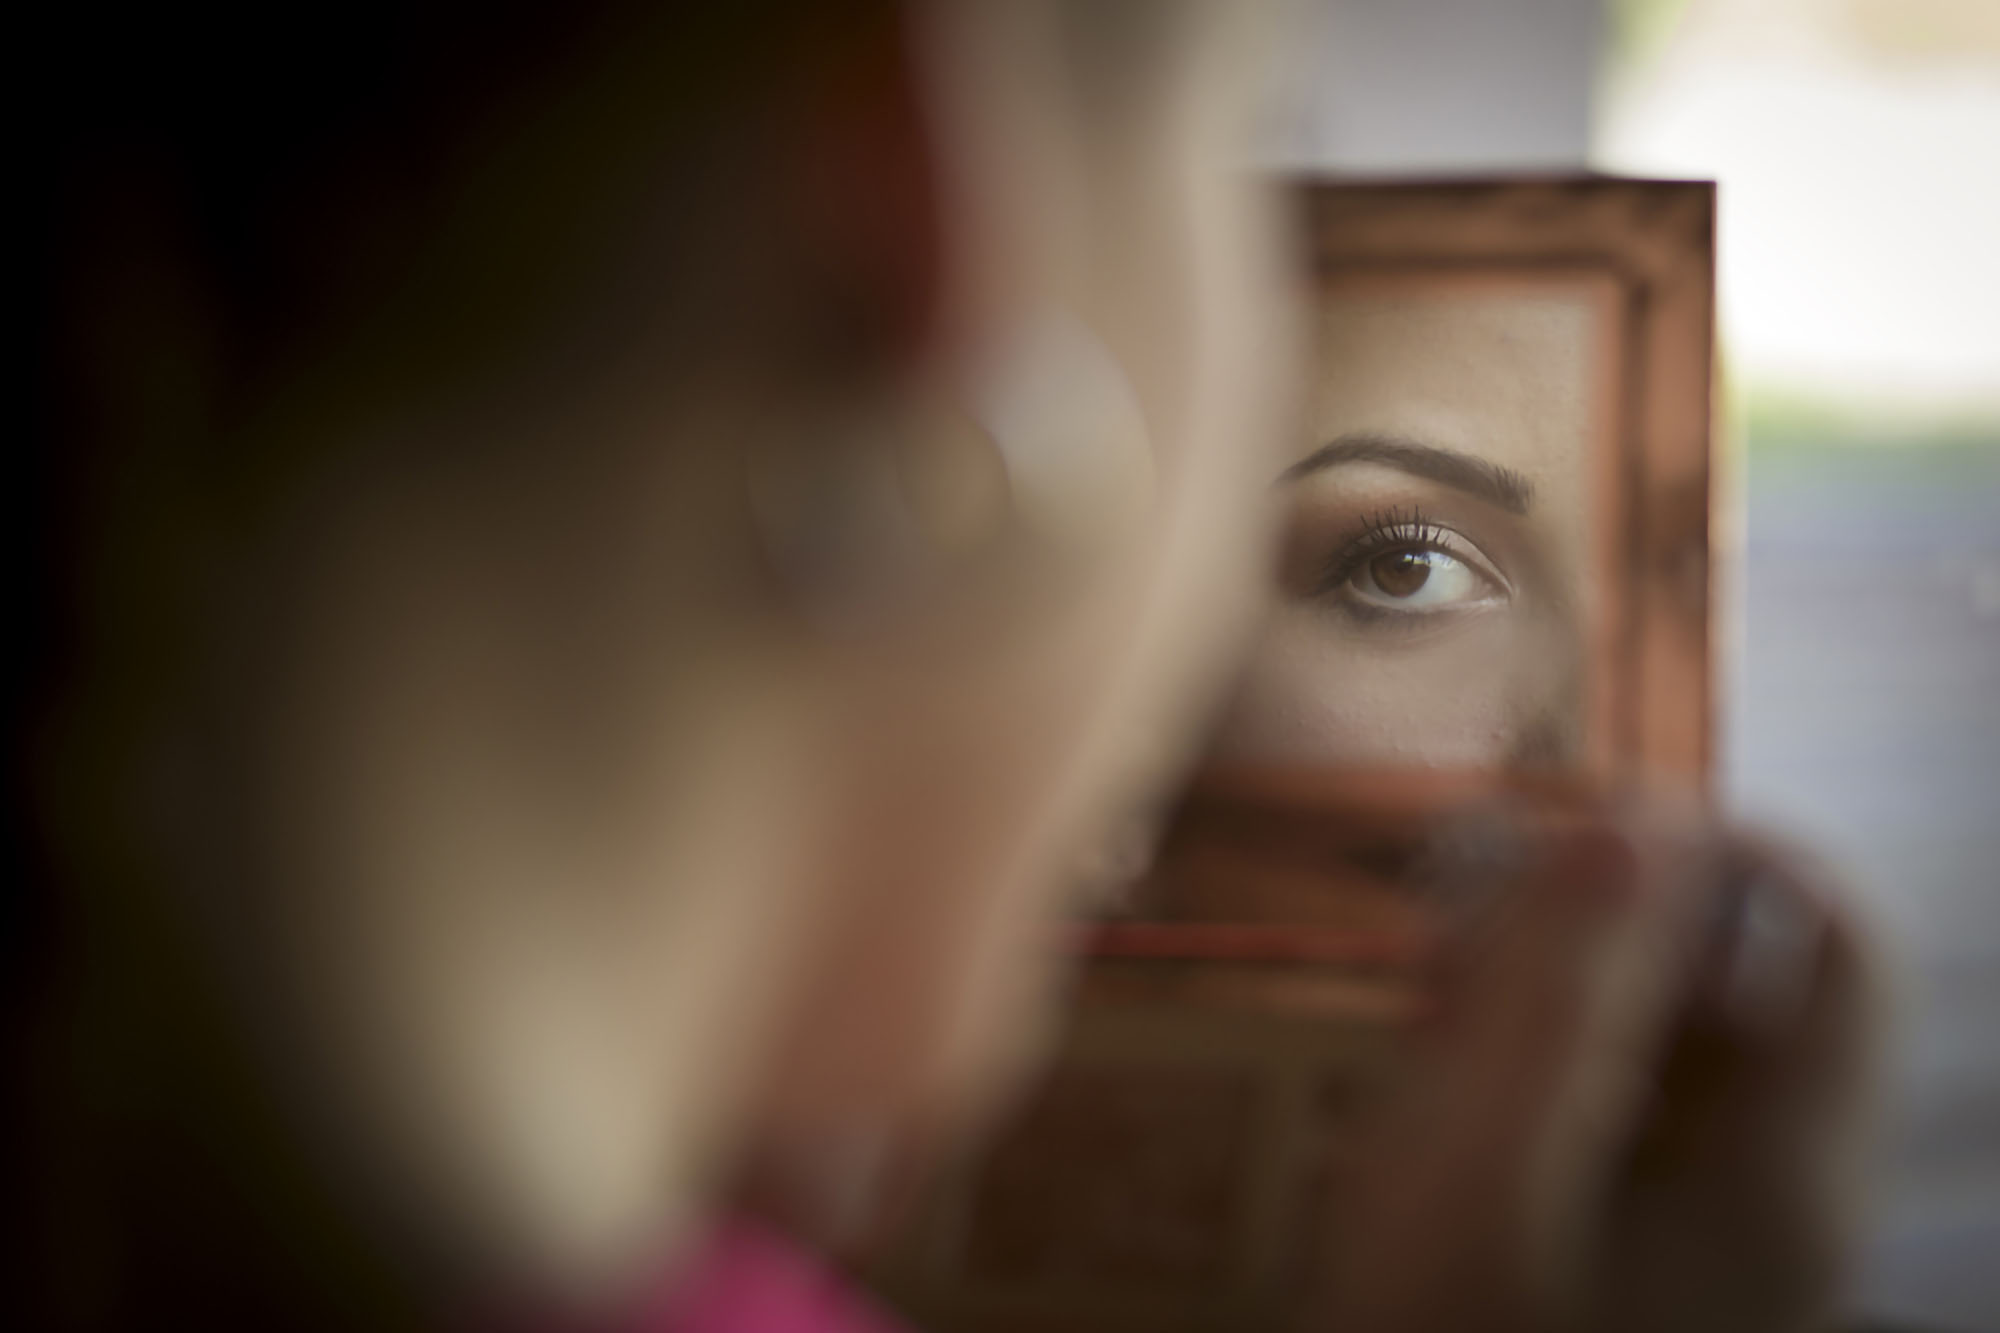 Servizio fotografico in stile reportage per il tuo matrimonio